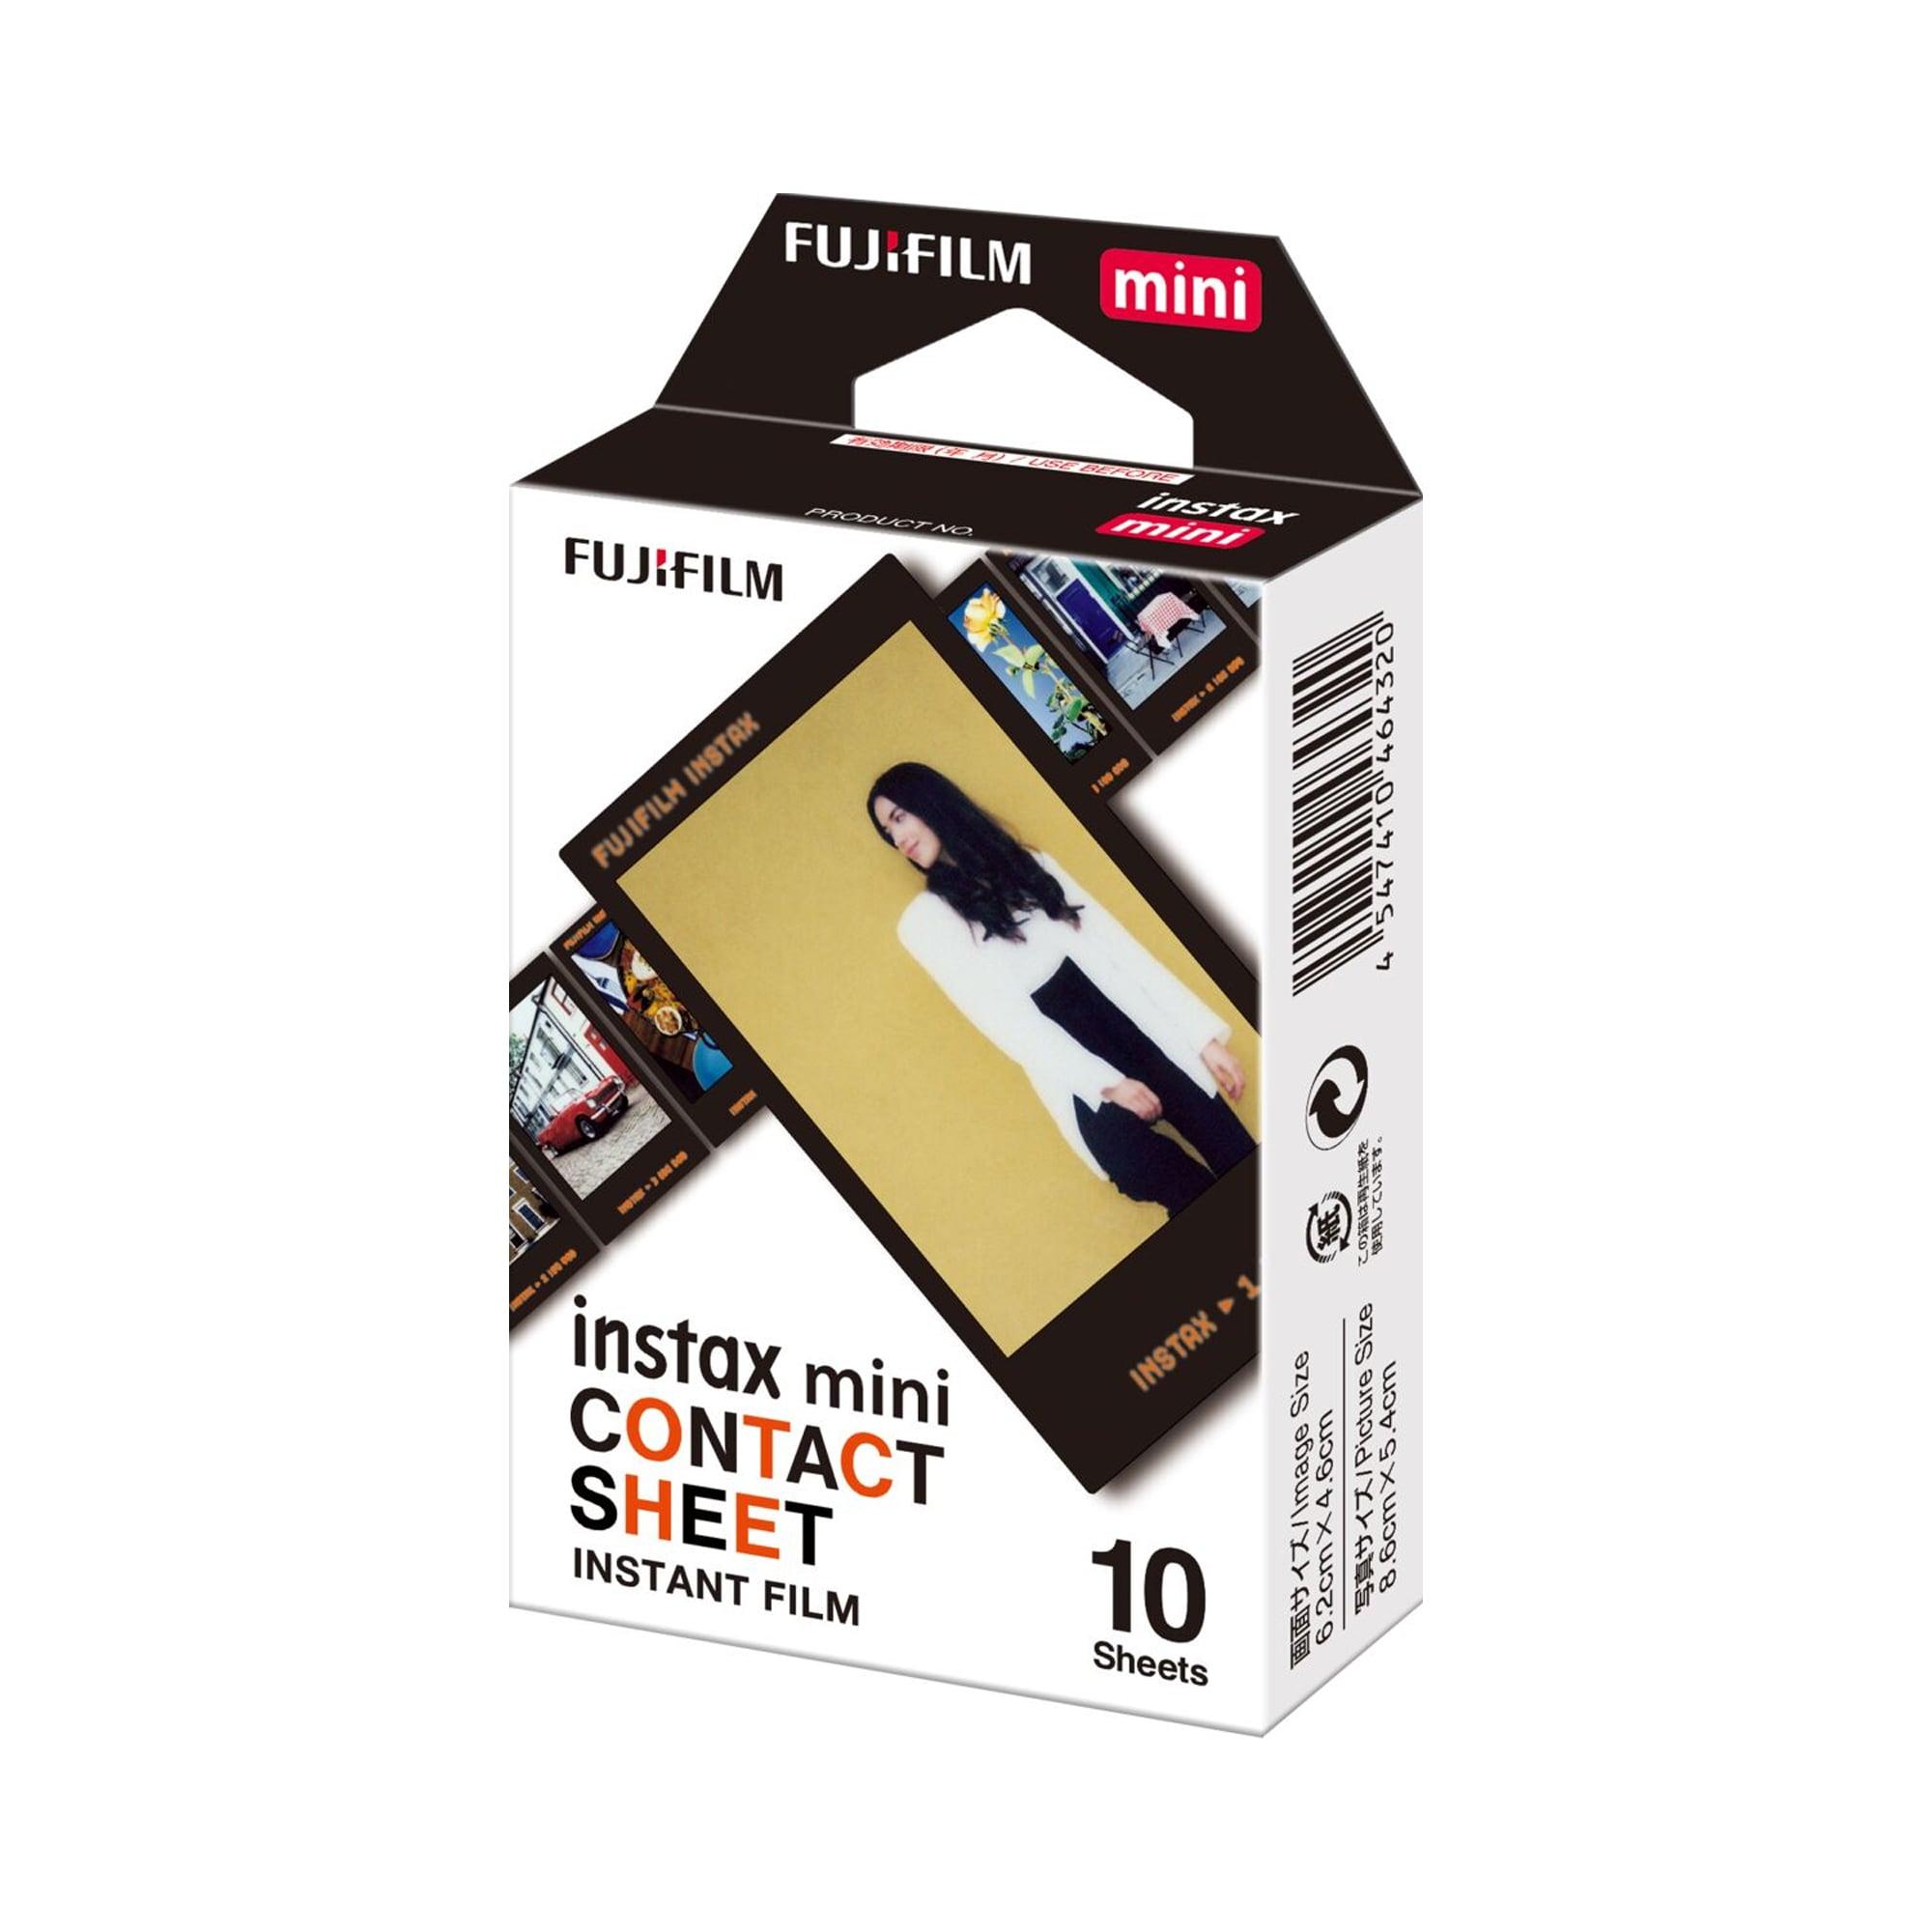 Instax Mini Contact Sheet 10 bilder